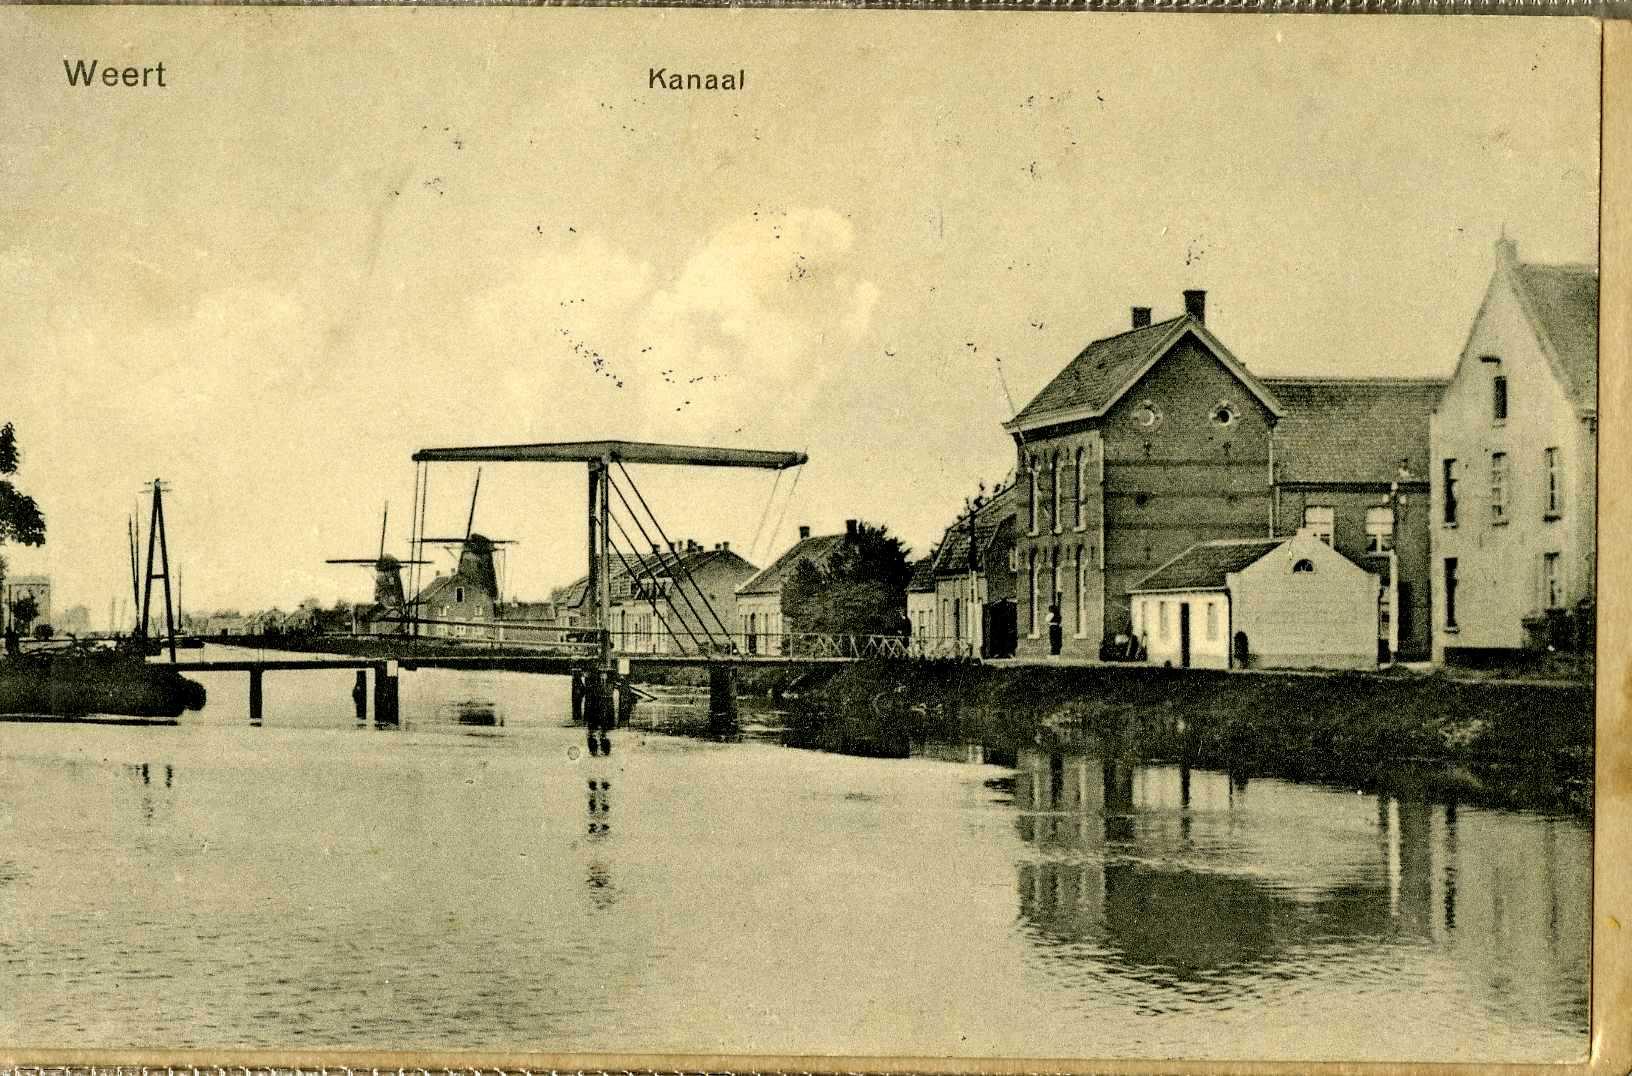 Een mooie foto met de twee Kanaalmolens. Op de voorgrond de Smeetsmolen, in 1938 gesloopt nadat de molen in 1930 de wieken verloor. Op de achtergrond (de linker molen op de foto) de huidige Sint Odamolen die nog altijd bestaat maar wel aan verval onderhevig is.